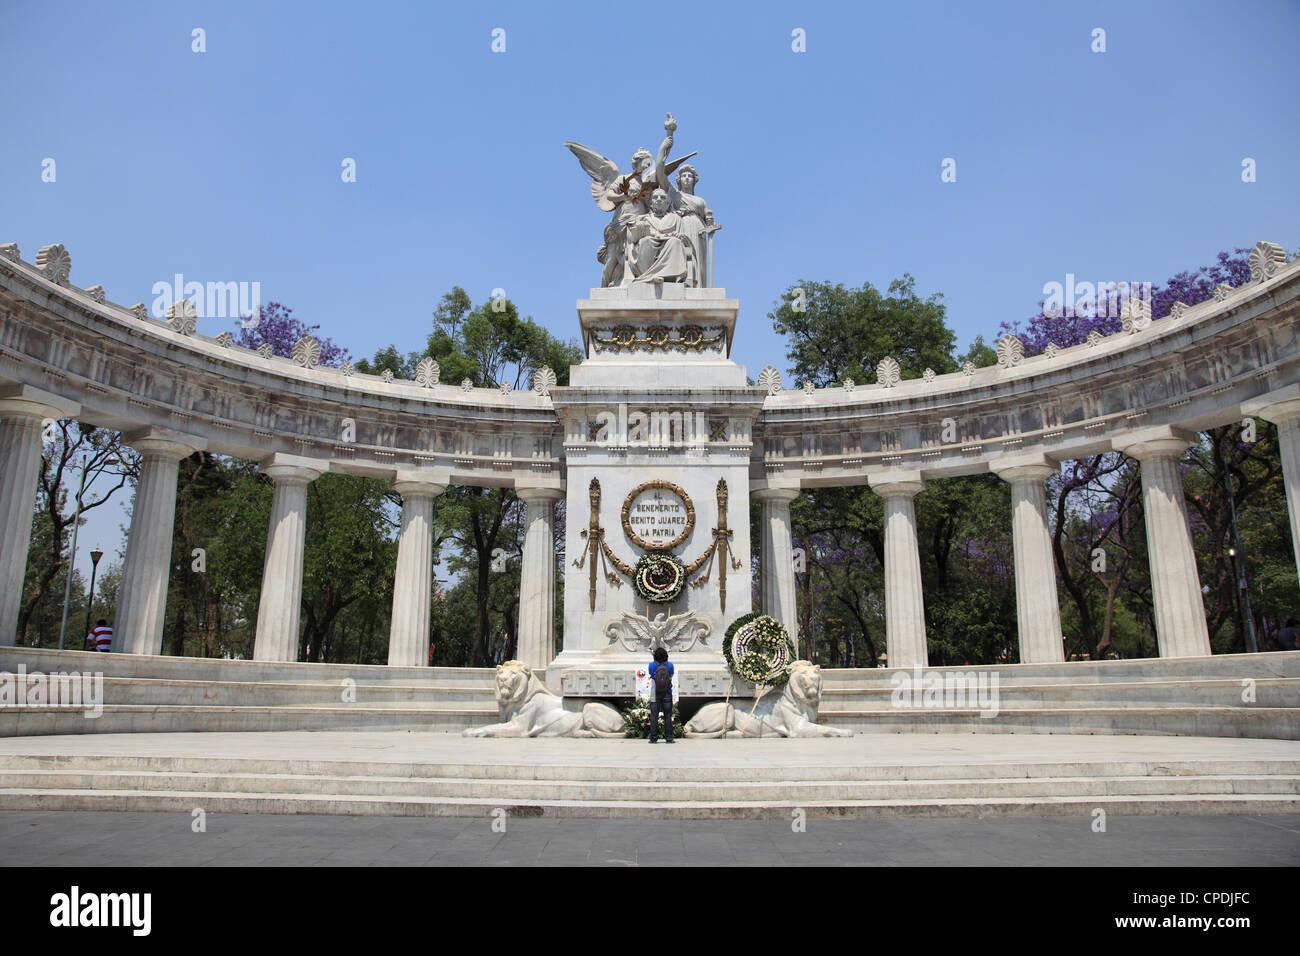 Un Hemiciclo Juarez (Benito Juarez monumento), Alameda, Città del Messico, Messico, America del Nord Immagini Stock